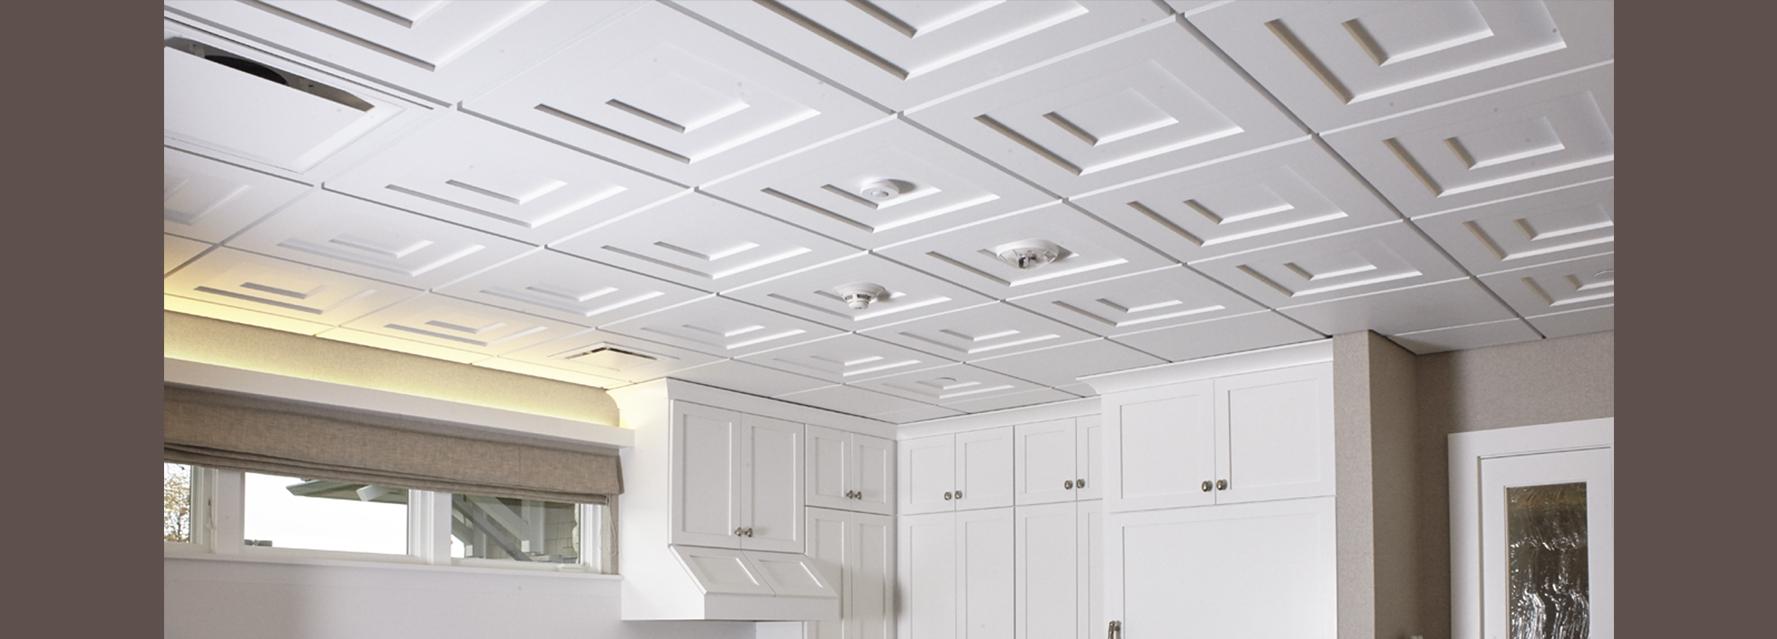 Artisan Plaster Ceiling Tile